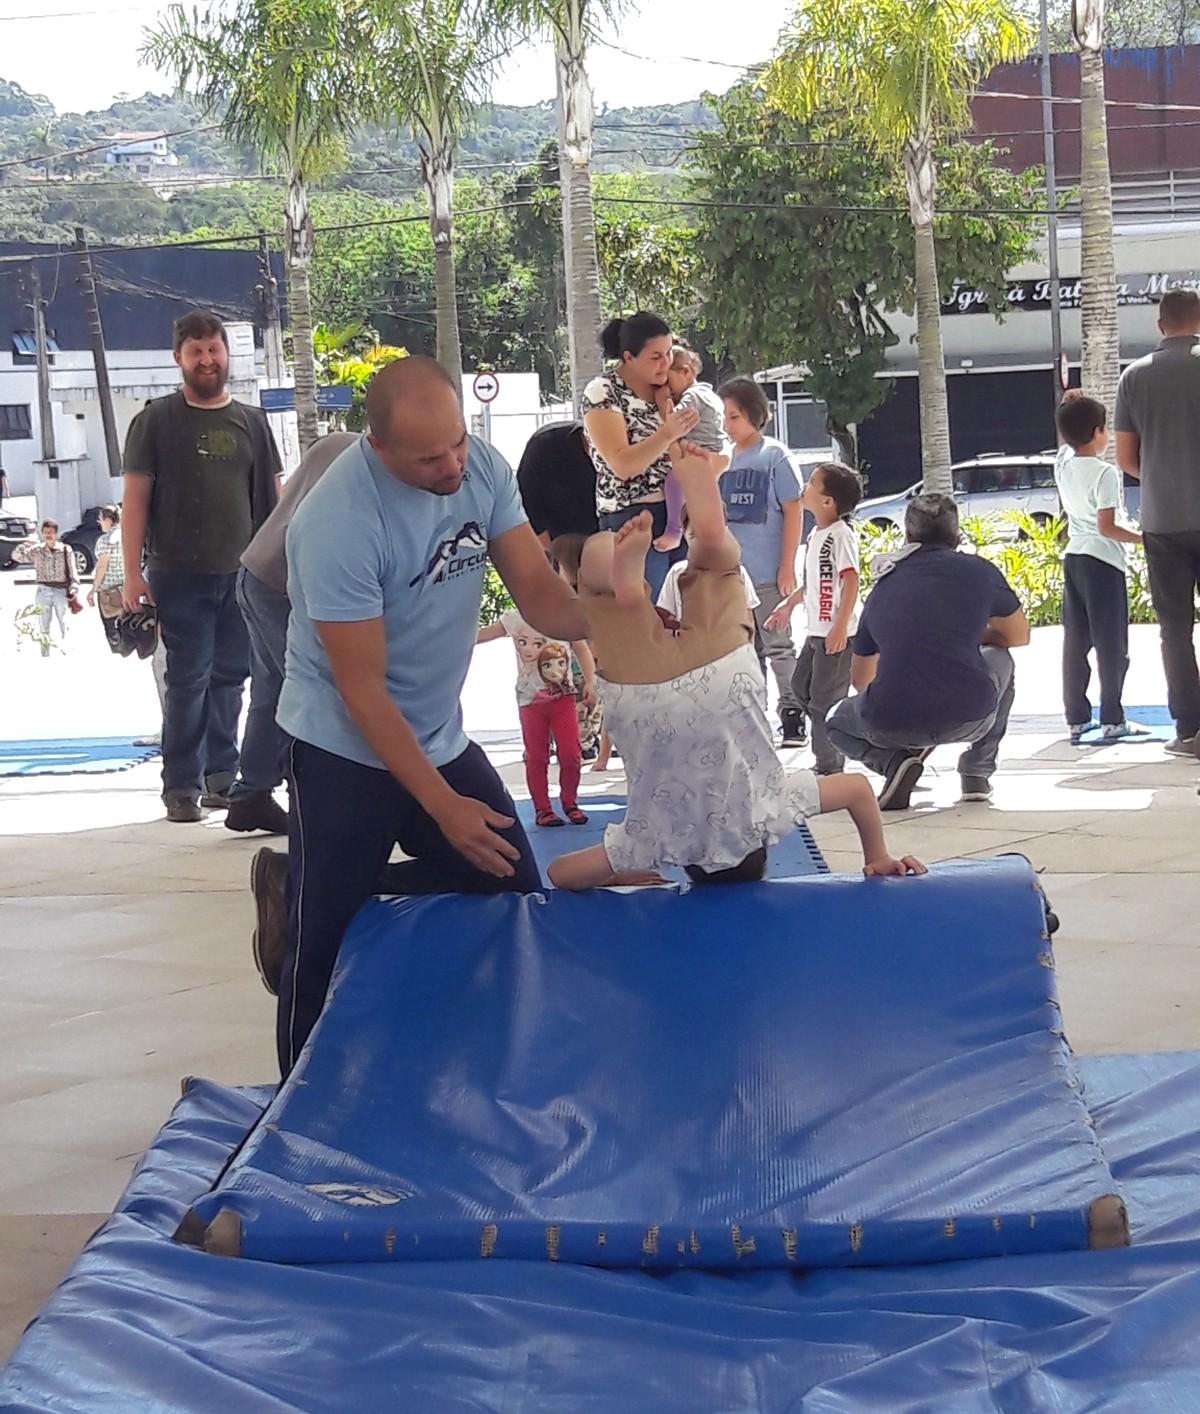 Centro de compras em Mogi das Cruzes tem atividades de graça para crianças